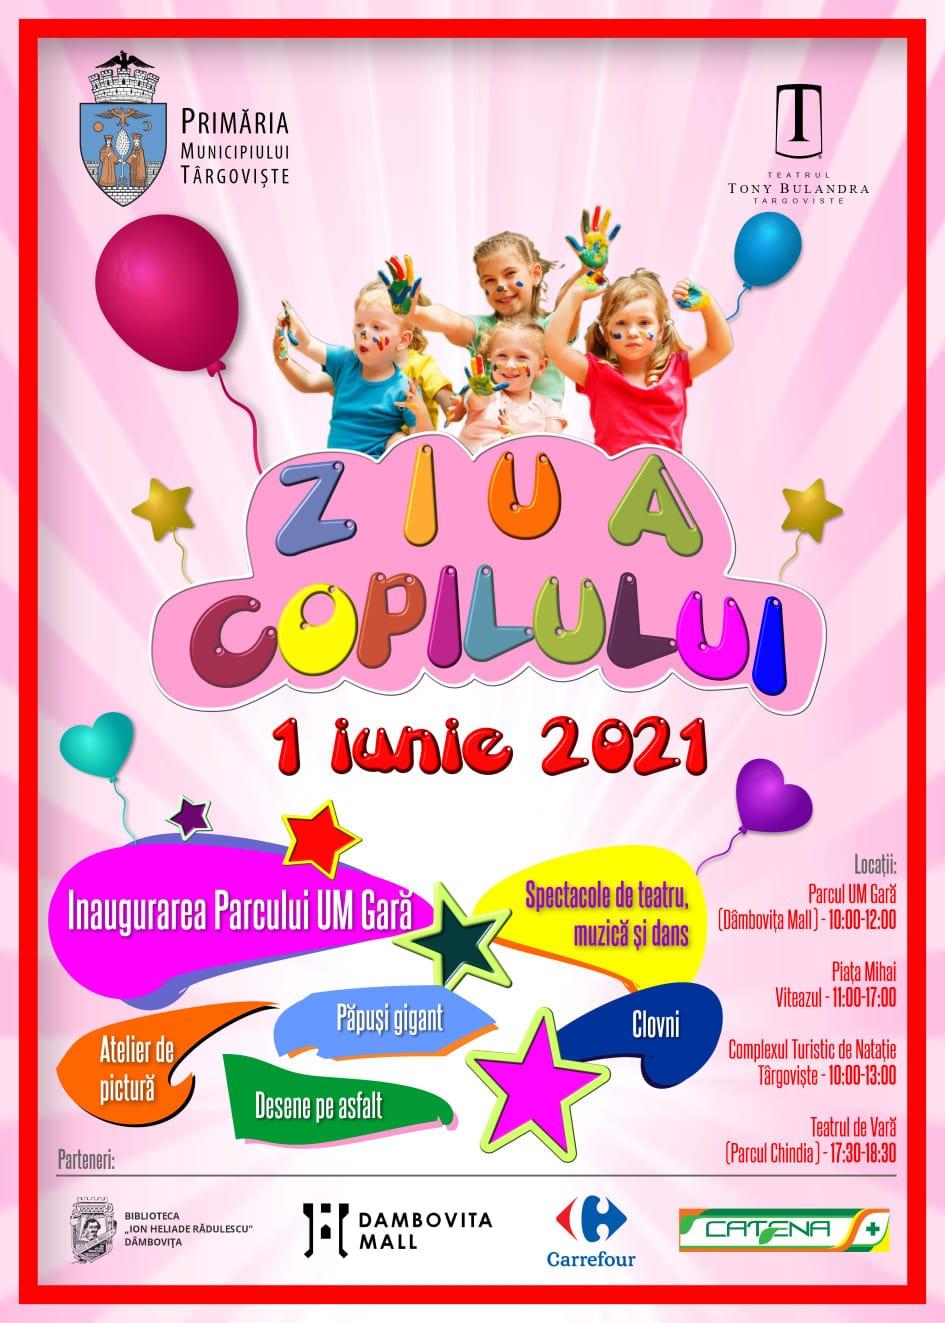 Festivalul AnimaȚie, de 1 iunie, la Târgoviște. Ce surprize îi așteaptă pe prichindei